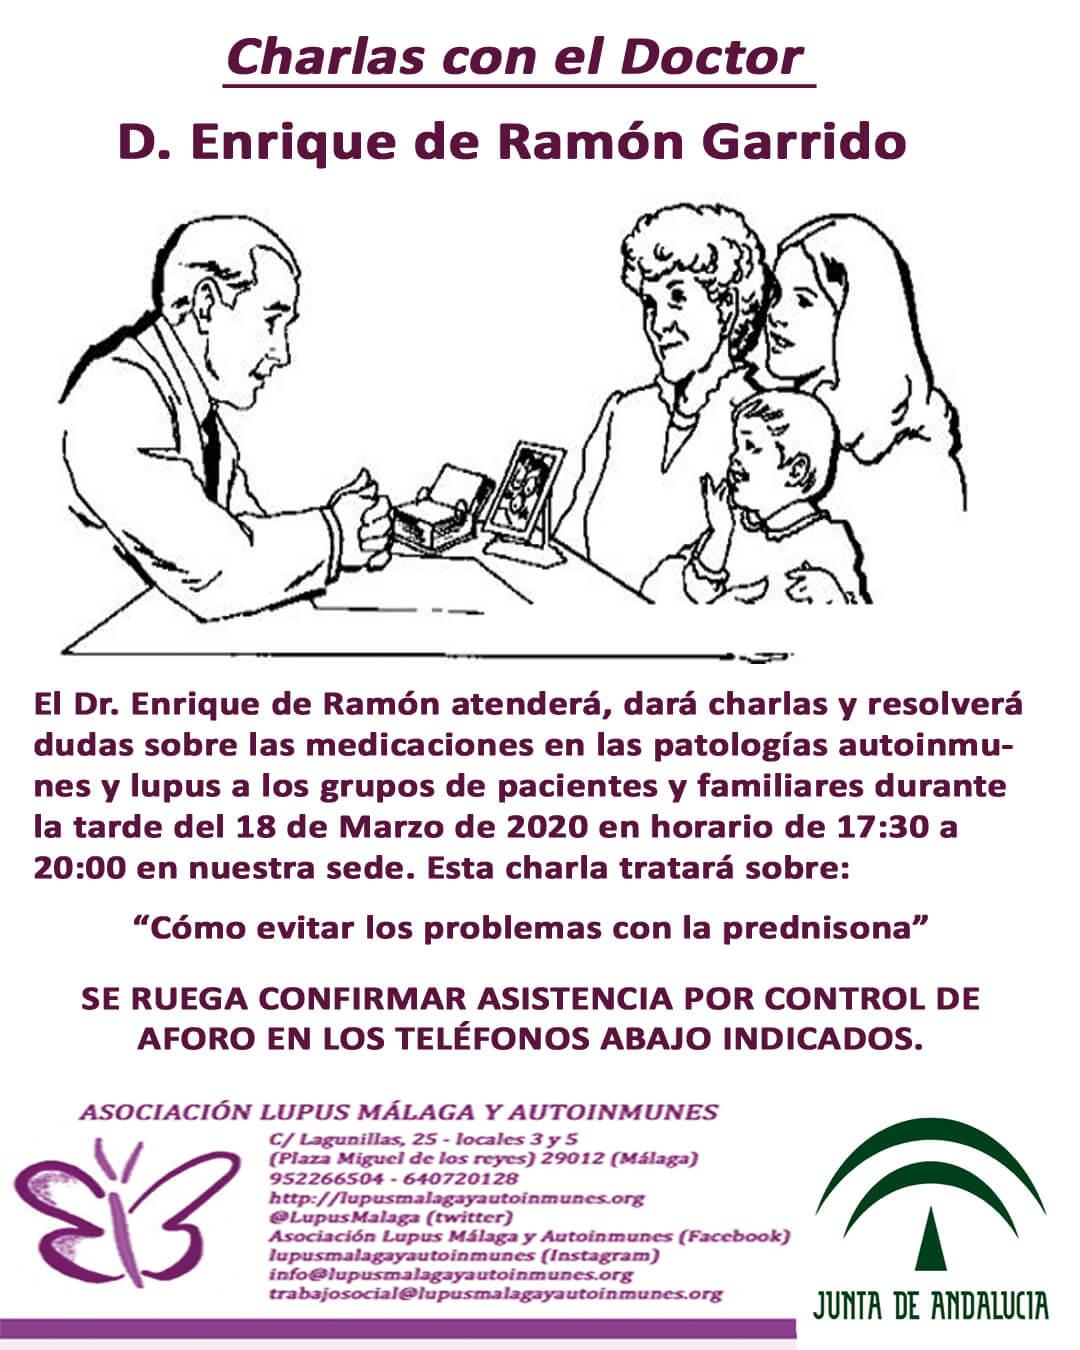 Charlas con el Dr. Enrique de Ramón